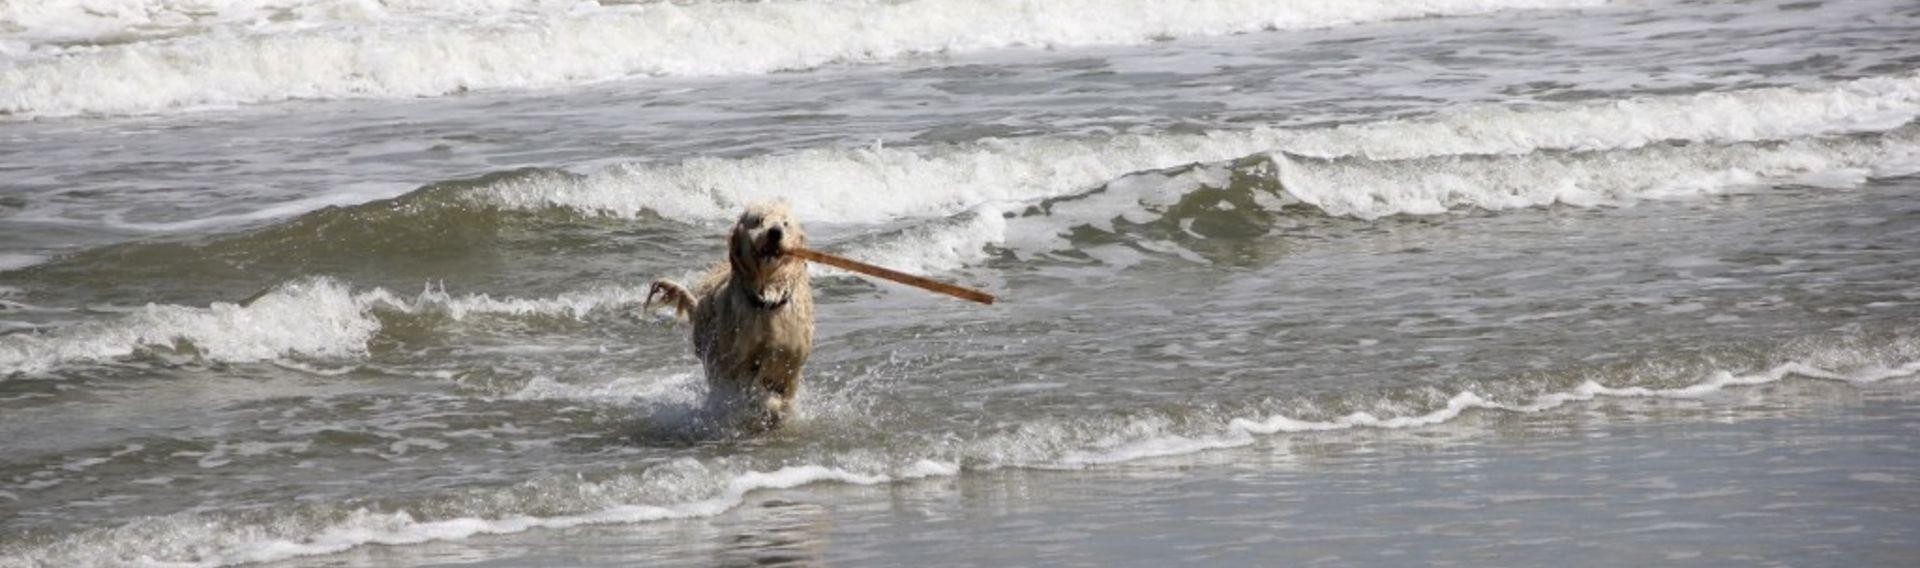 Urlaub Damp mit Hund